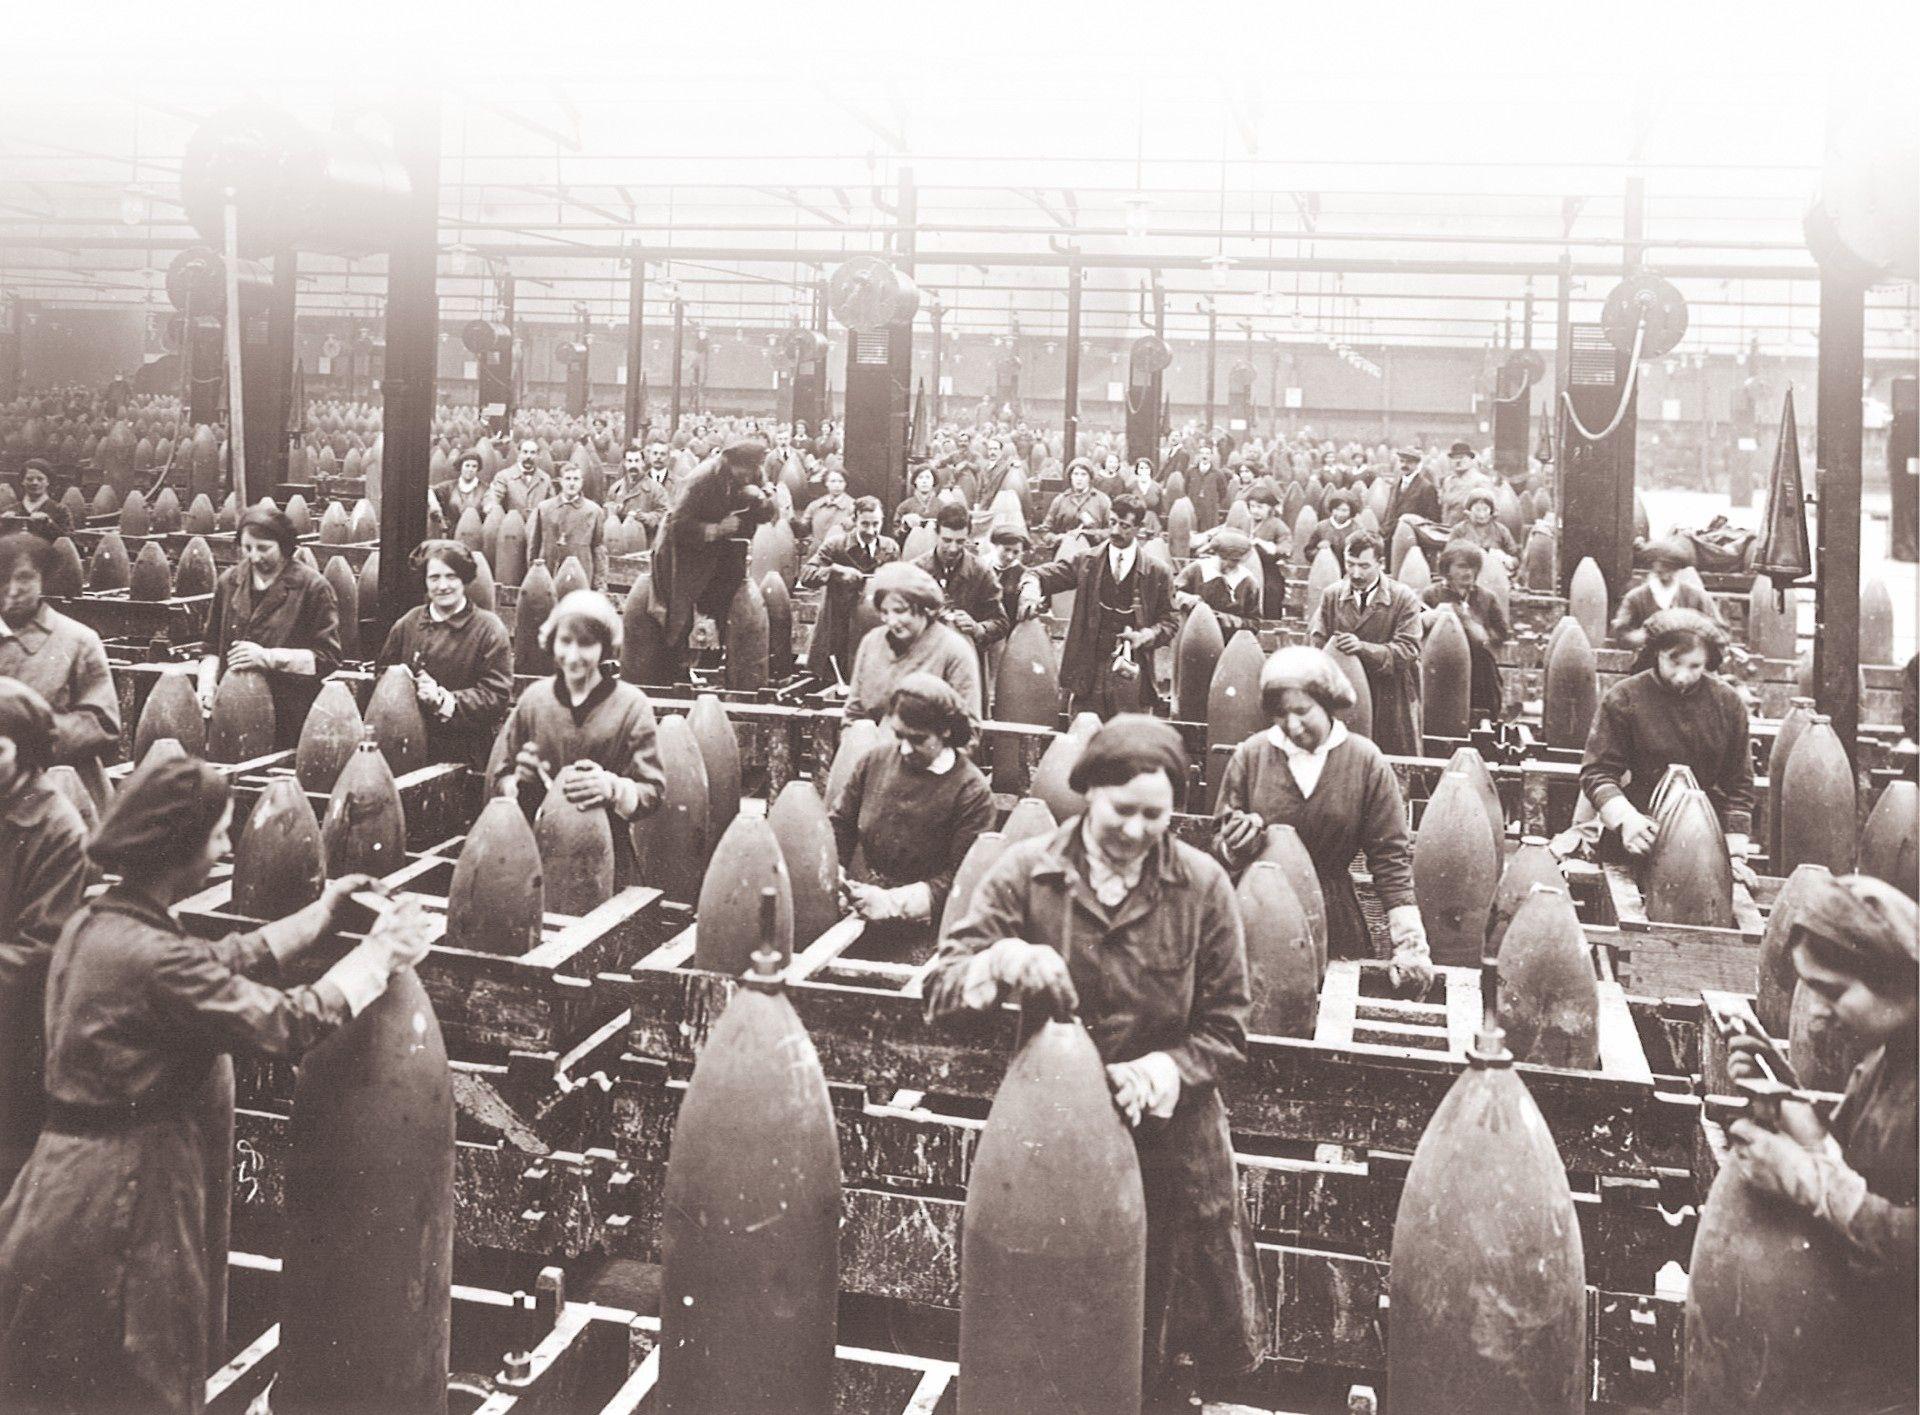 De femmes dans une usine pendant la premiere guerre mondiale